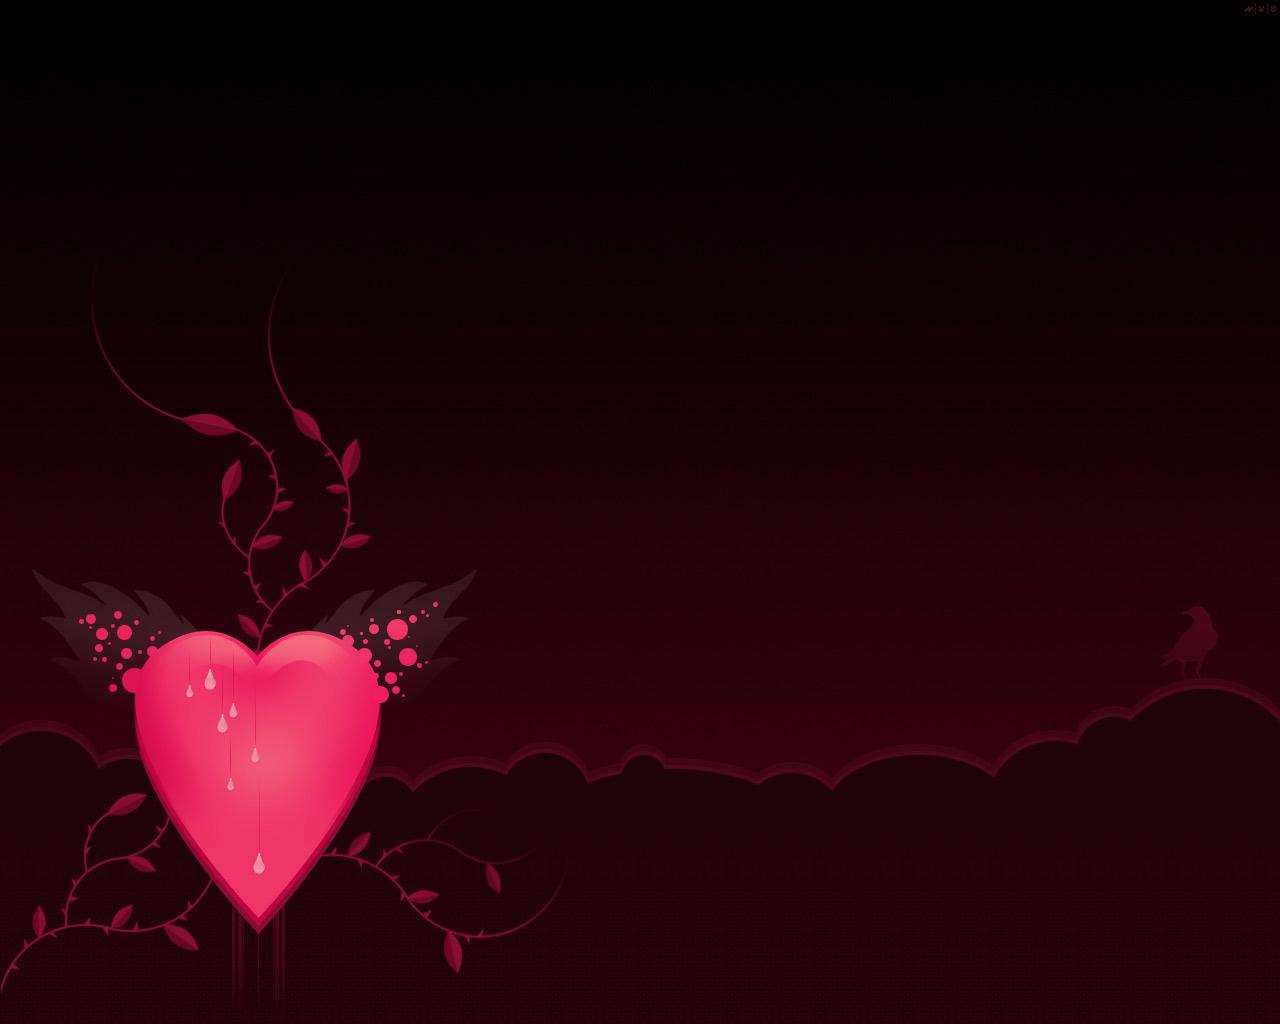 http://3.bp.blogspot.com/_bx5_RNhhR-M/TE3PqeXqVoI/AAAAAAAAAss/Uq9Jgr0A-UE/s1600/Wallpaper+0615.jpg